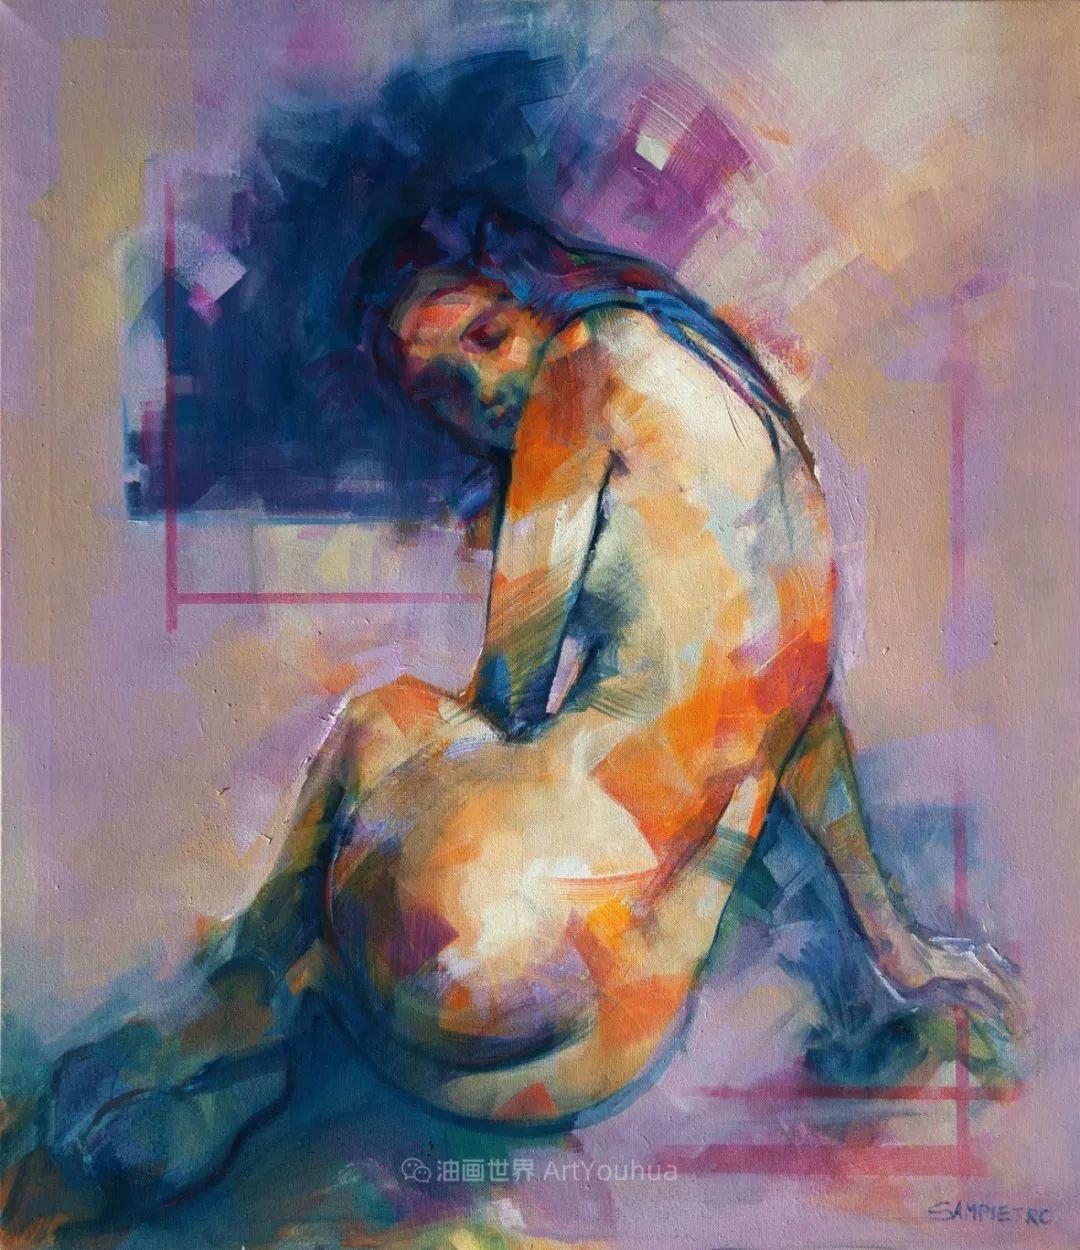 为艺术而艺术,意大利画家斯特凡诺·桑皮特罗插图17